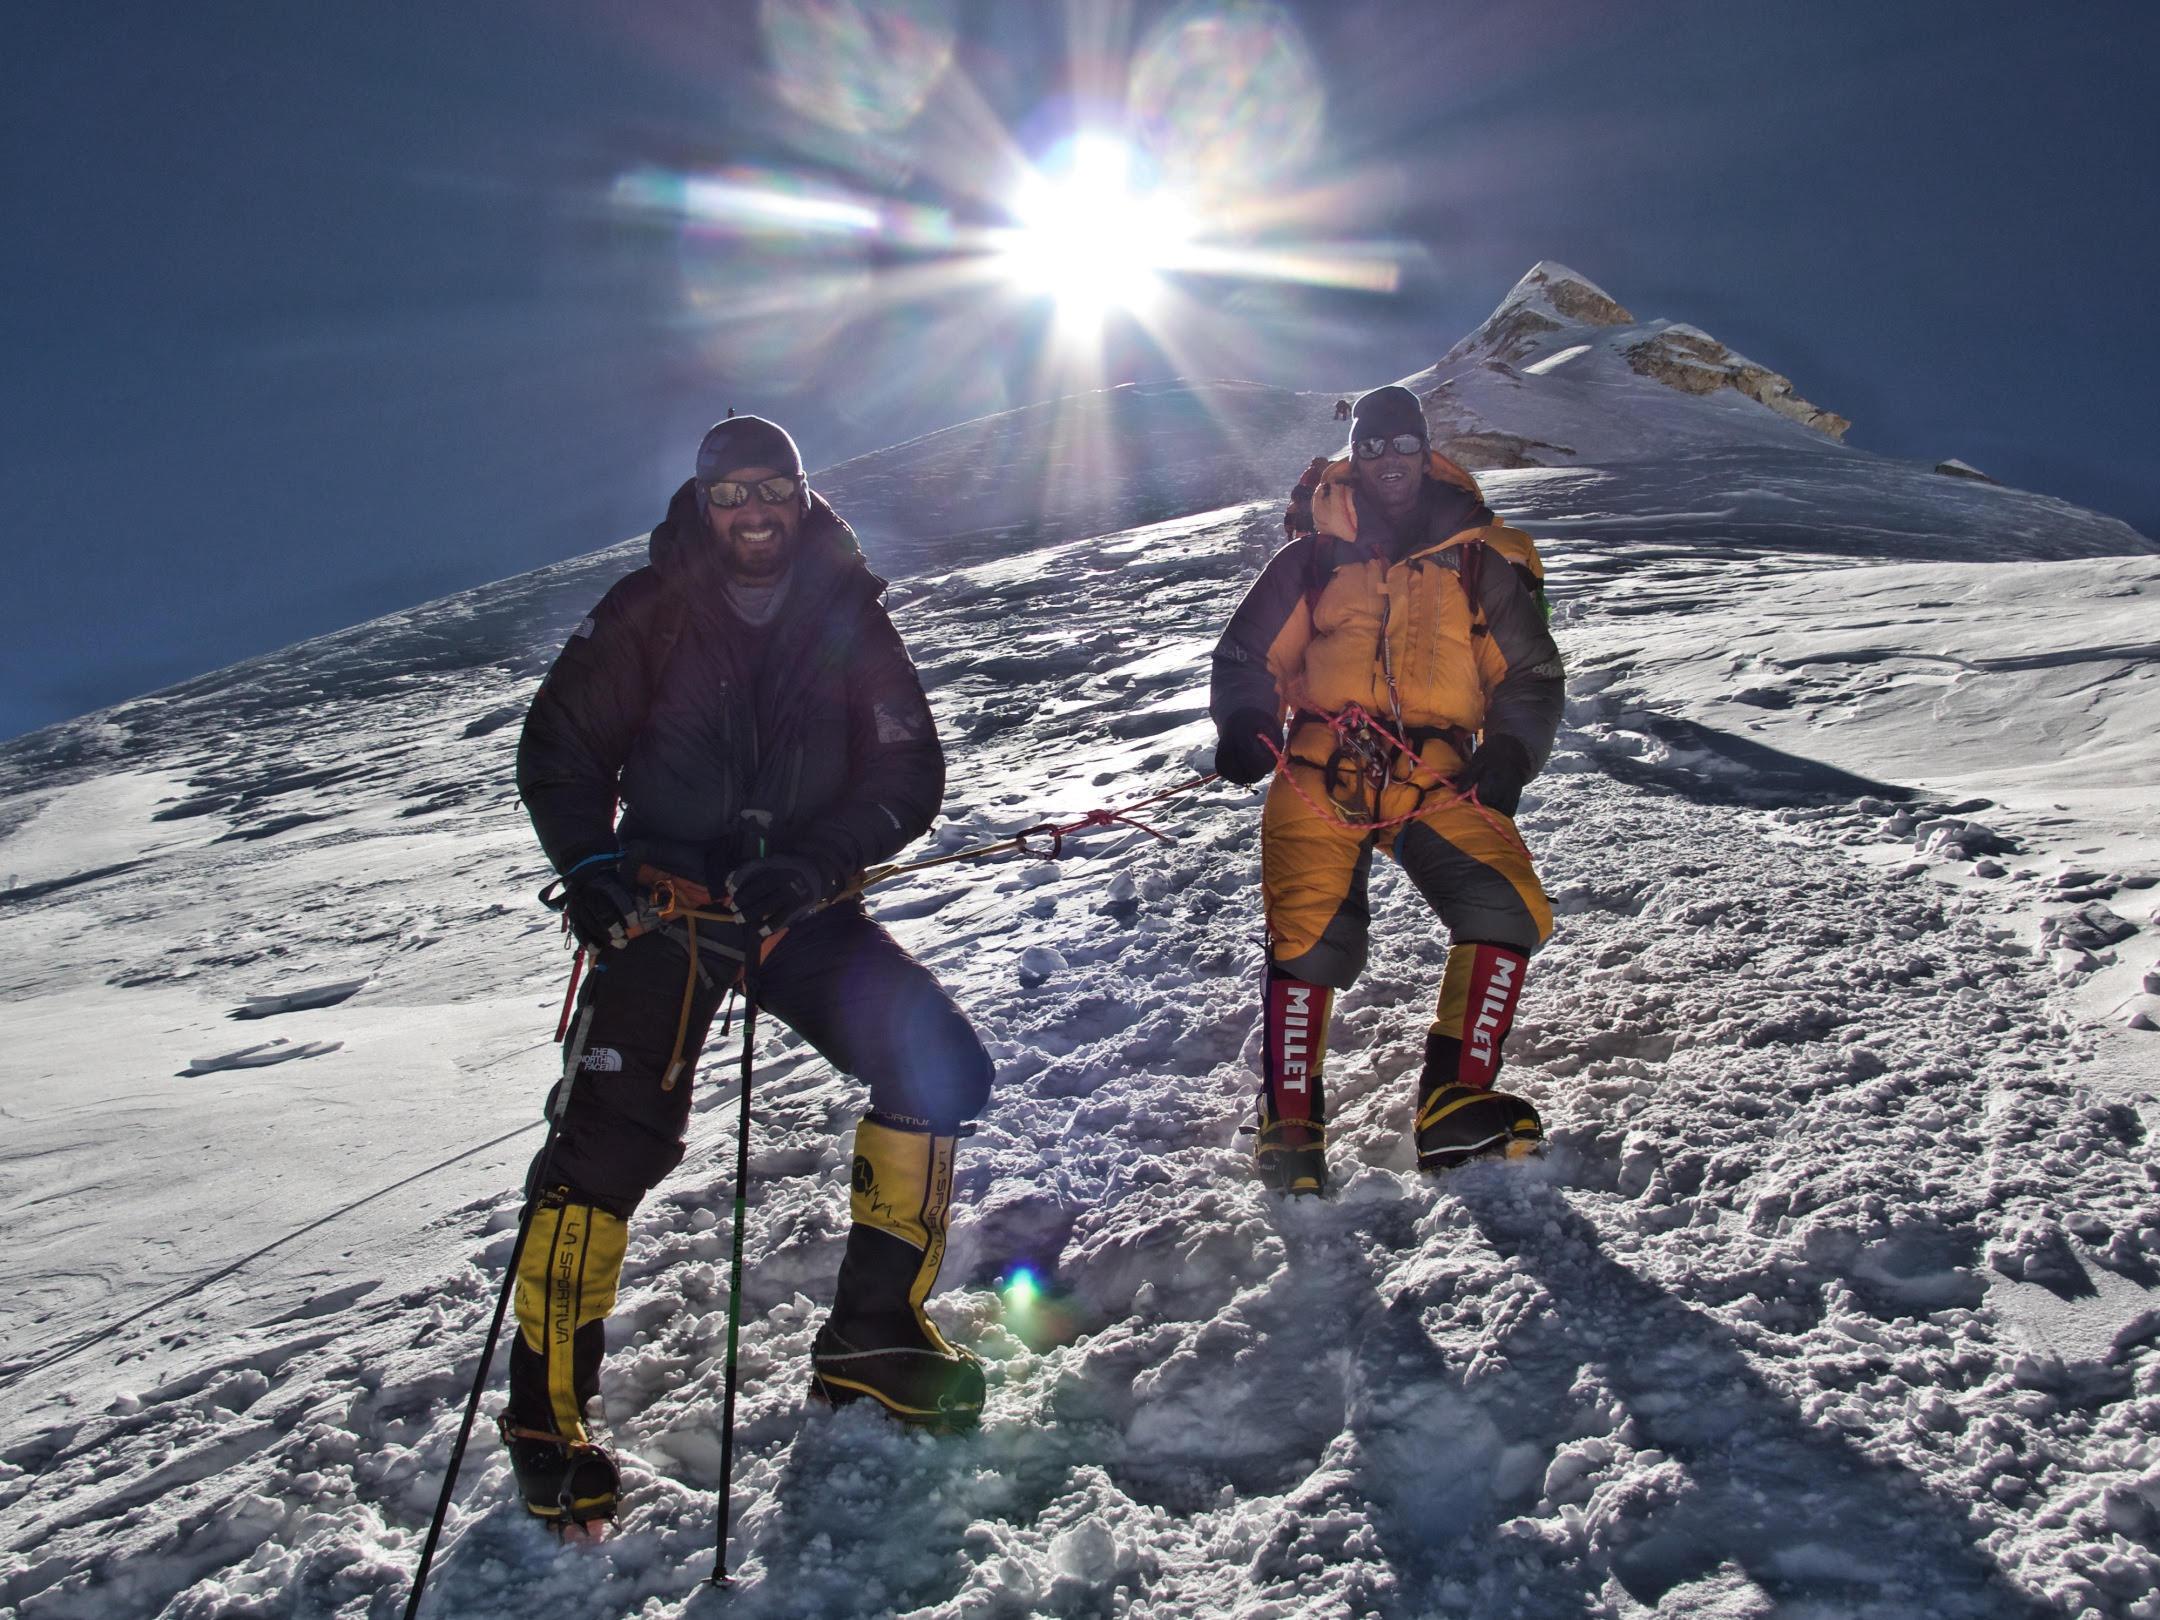 Manaslu, mi primer Ochomil, por Jesus Policarpio. Alpinismo en Himalaya hasta los 8.156 metros.